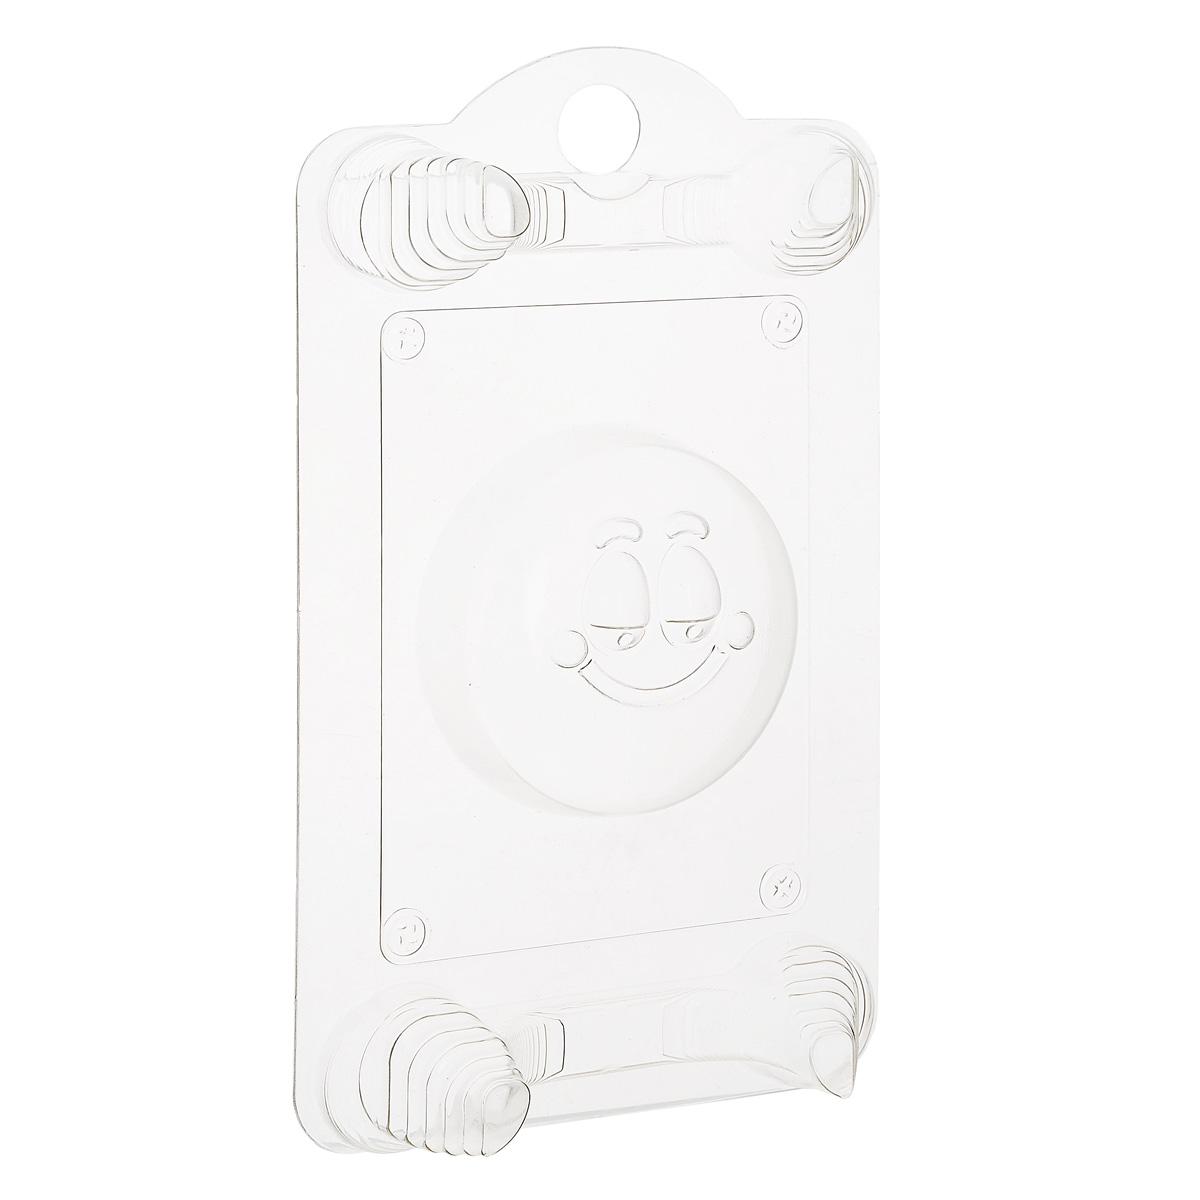 Форма для литья Смайлик, пластиковая, 7 см х 7 см х 2 см2700770039986Форма для литья Смайлик изготовлена из прозрачного пластика. При помощи этой прозрачной формы для литья можно самостоятельно изготовить мыло, а также оригинальную свечу для украшения праздничного стола и интерьера.